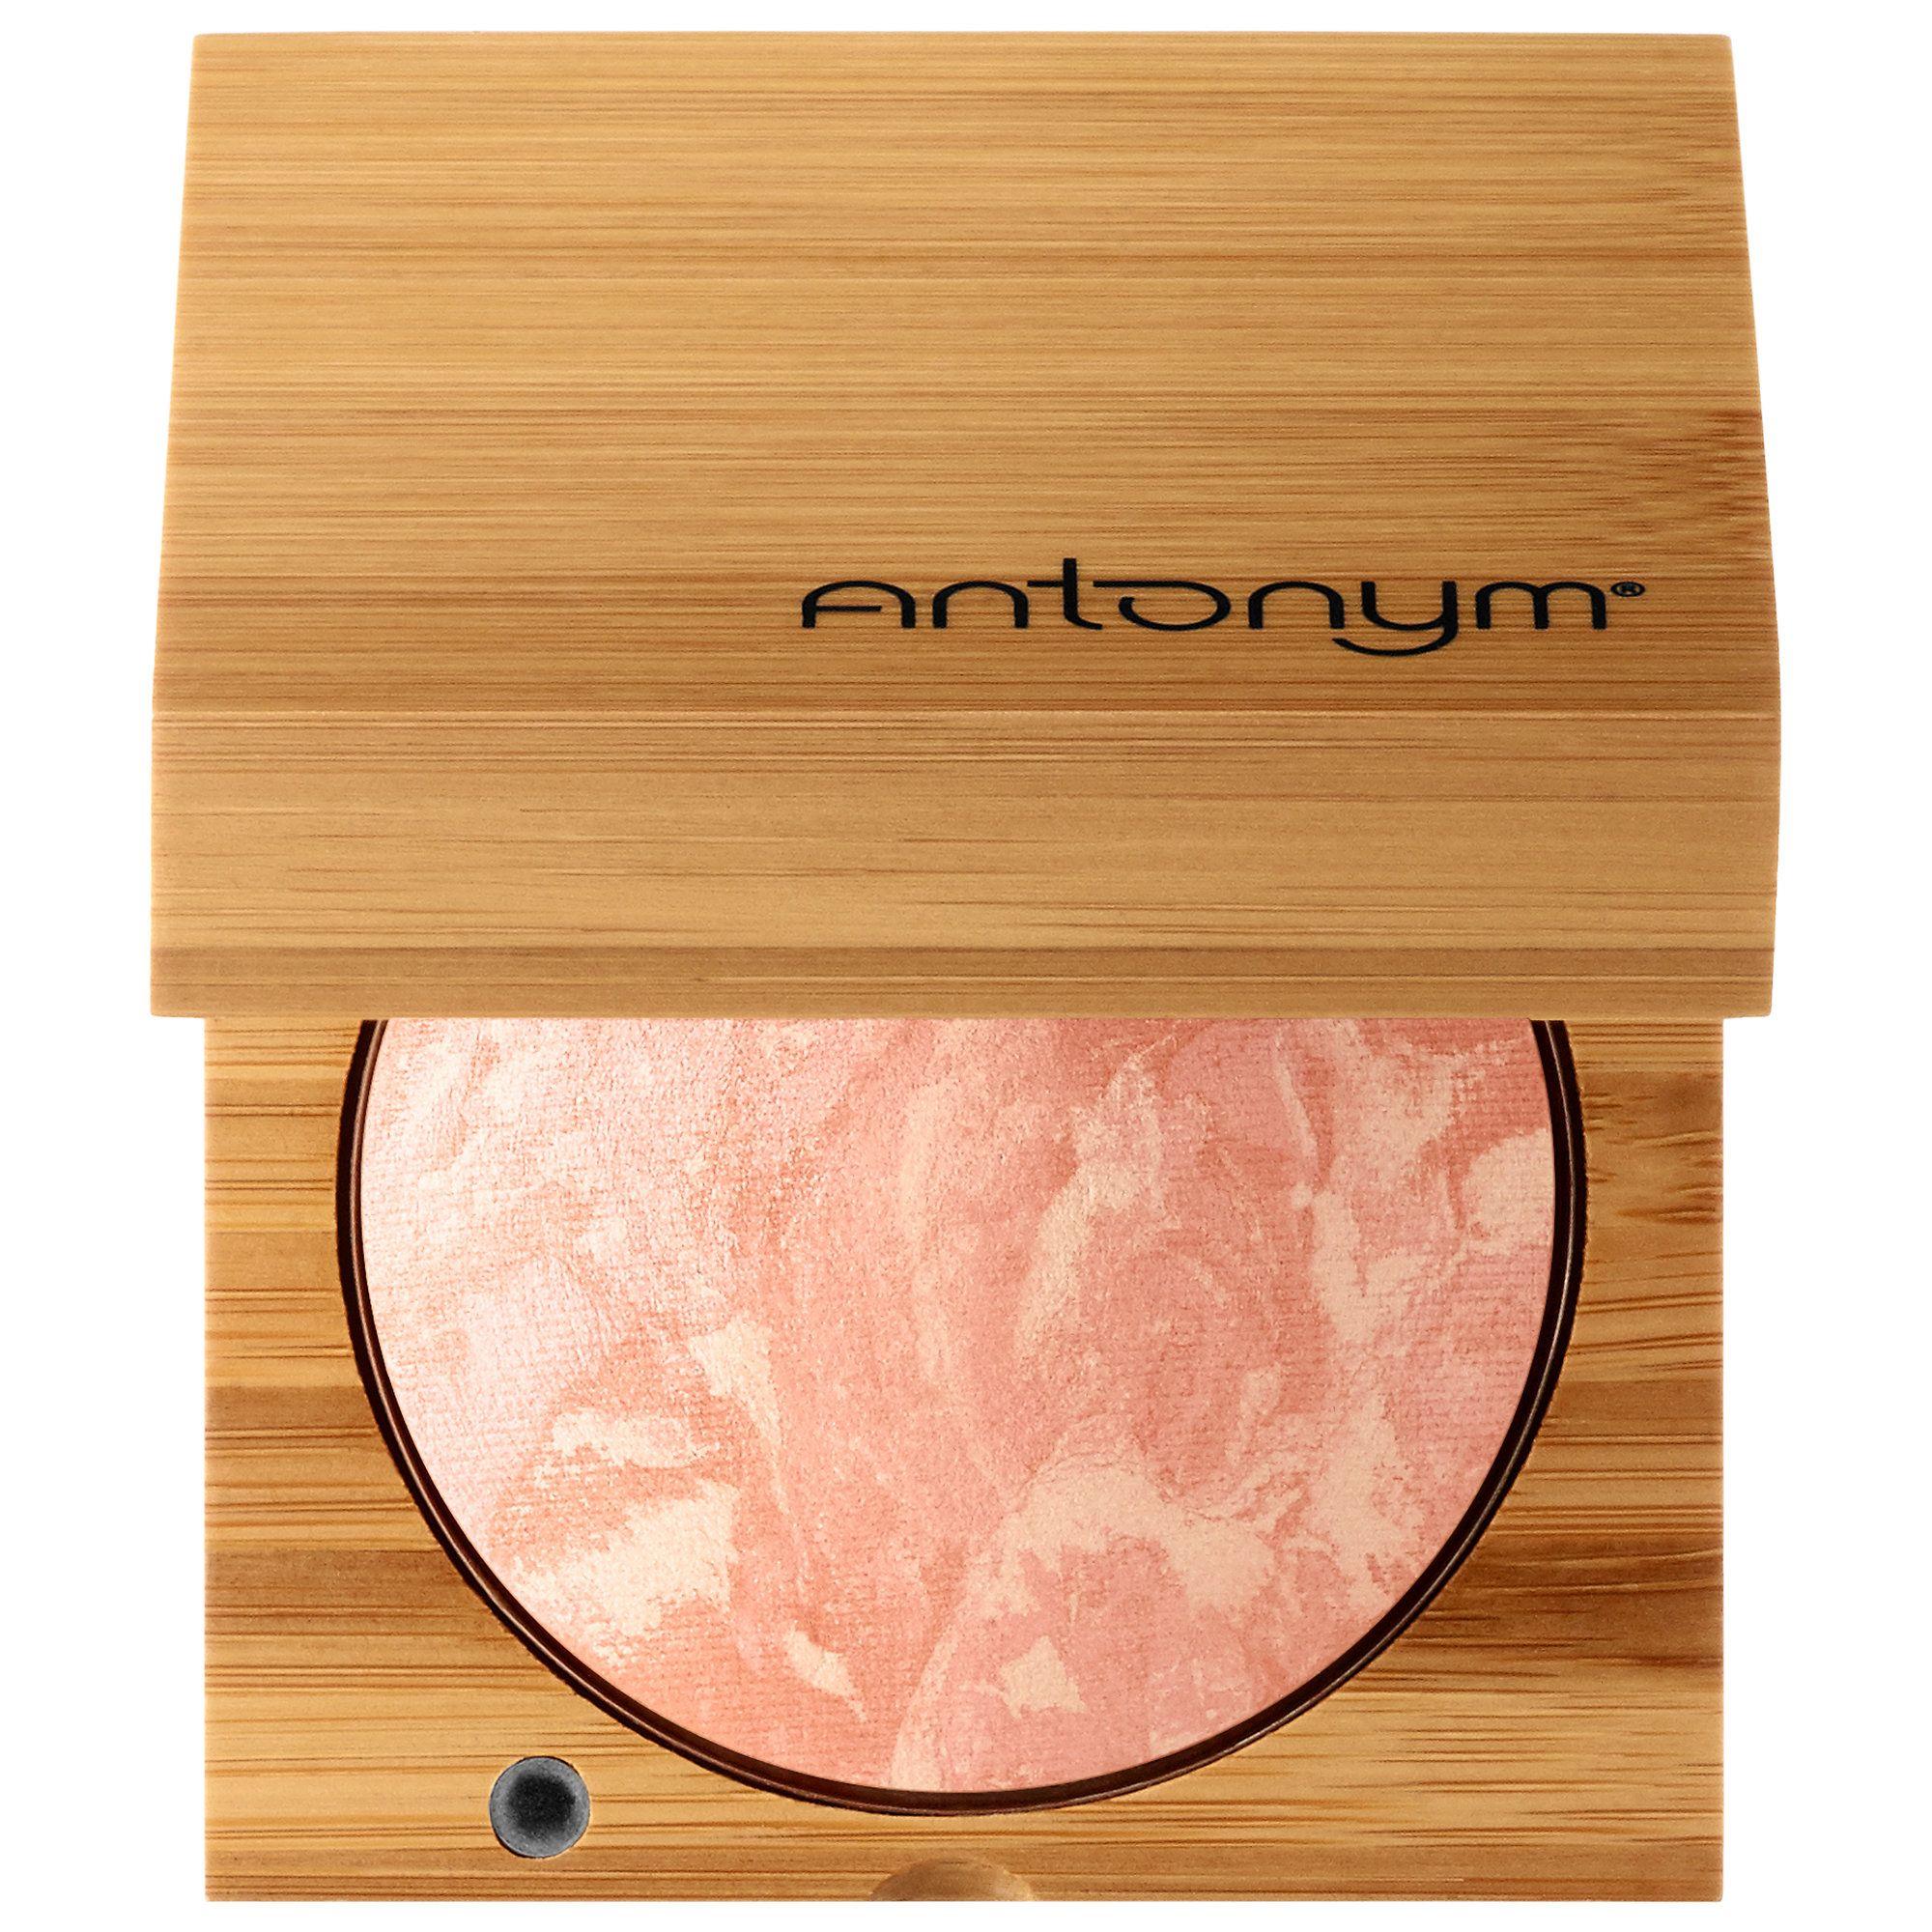 Shop Antonym's Certified Organic Baked Blush at Sephora